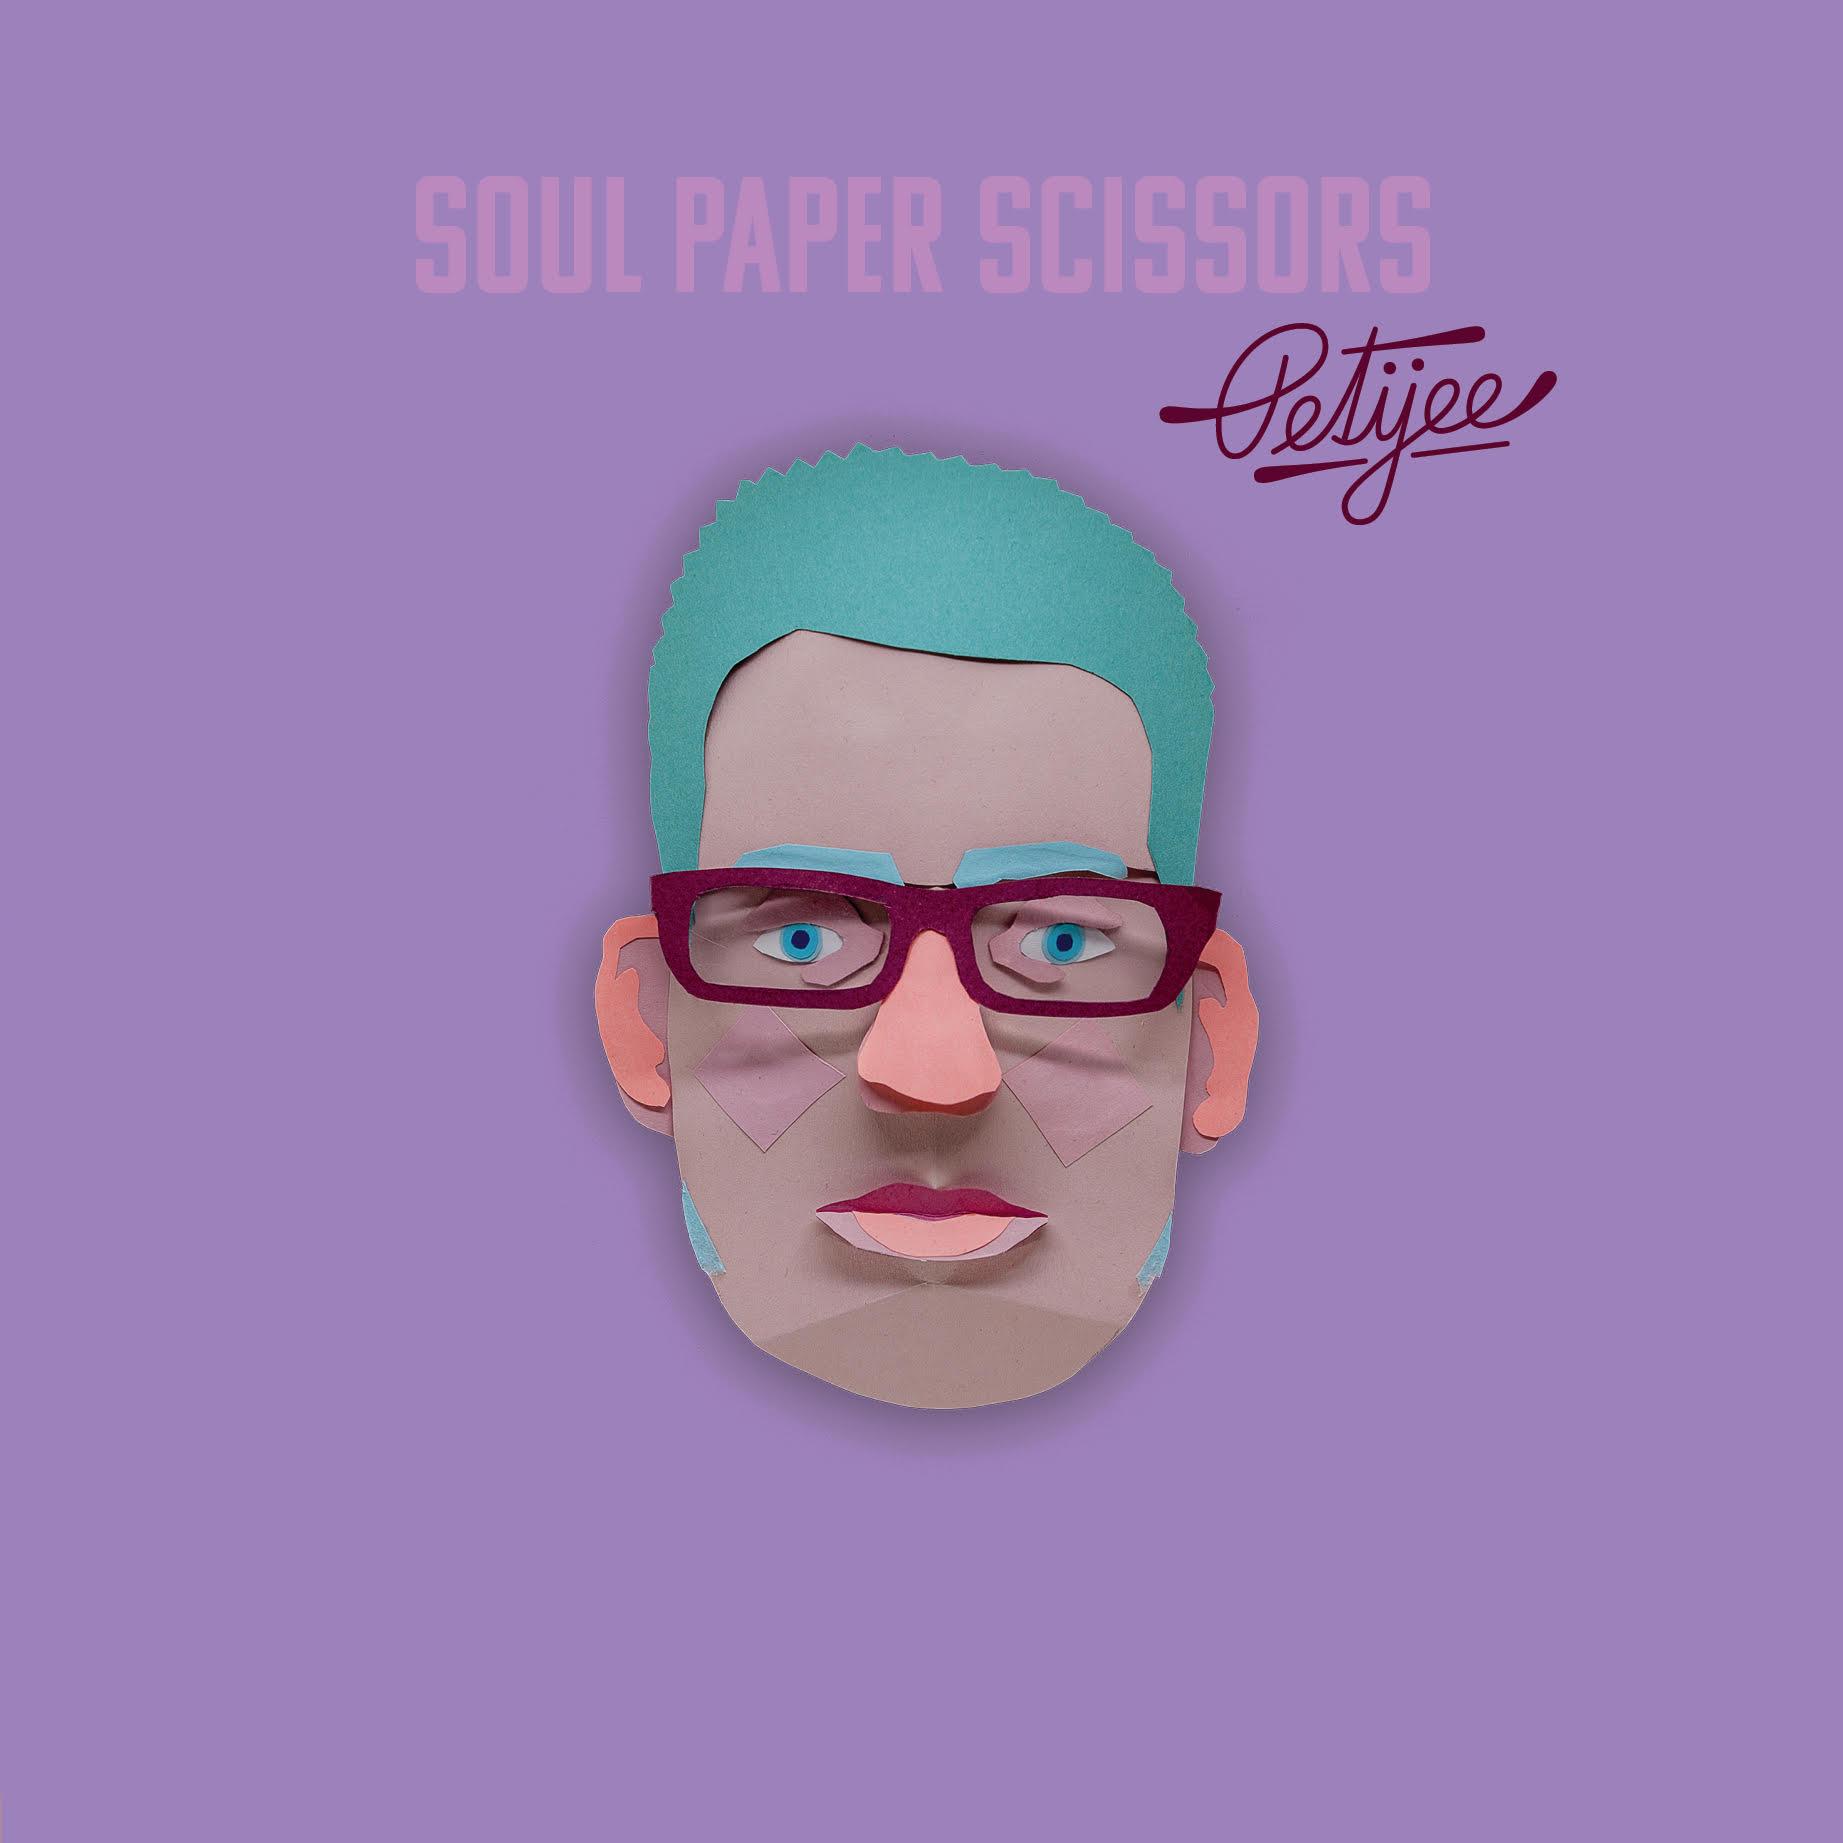 Petijee – Soul Paper Scissors (Album Stream)